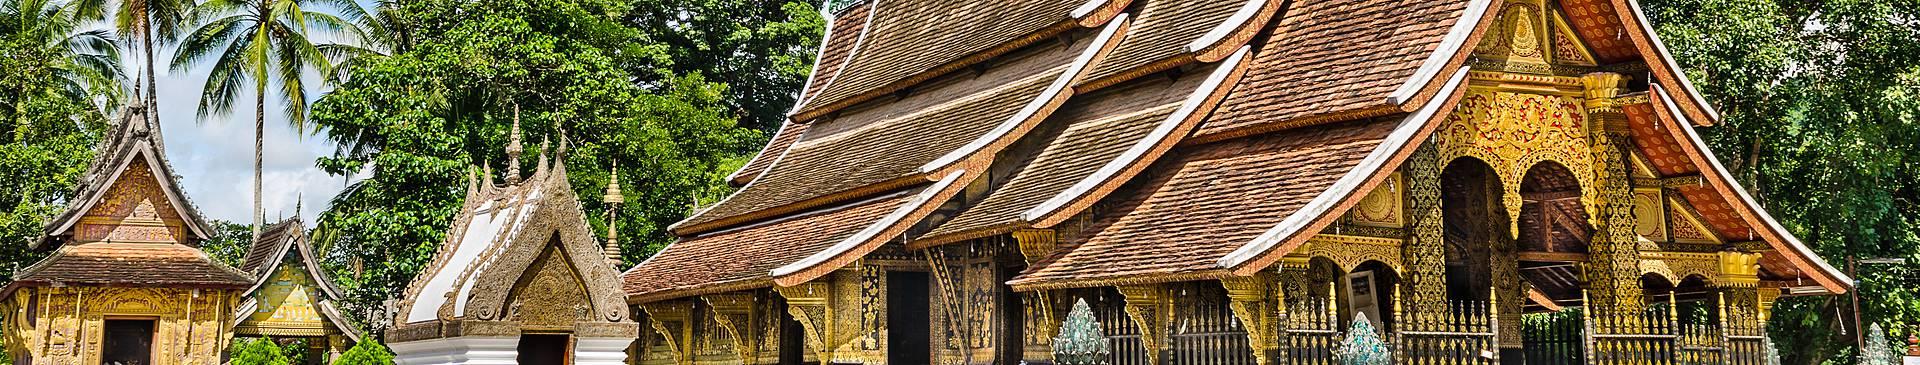 Laos im August